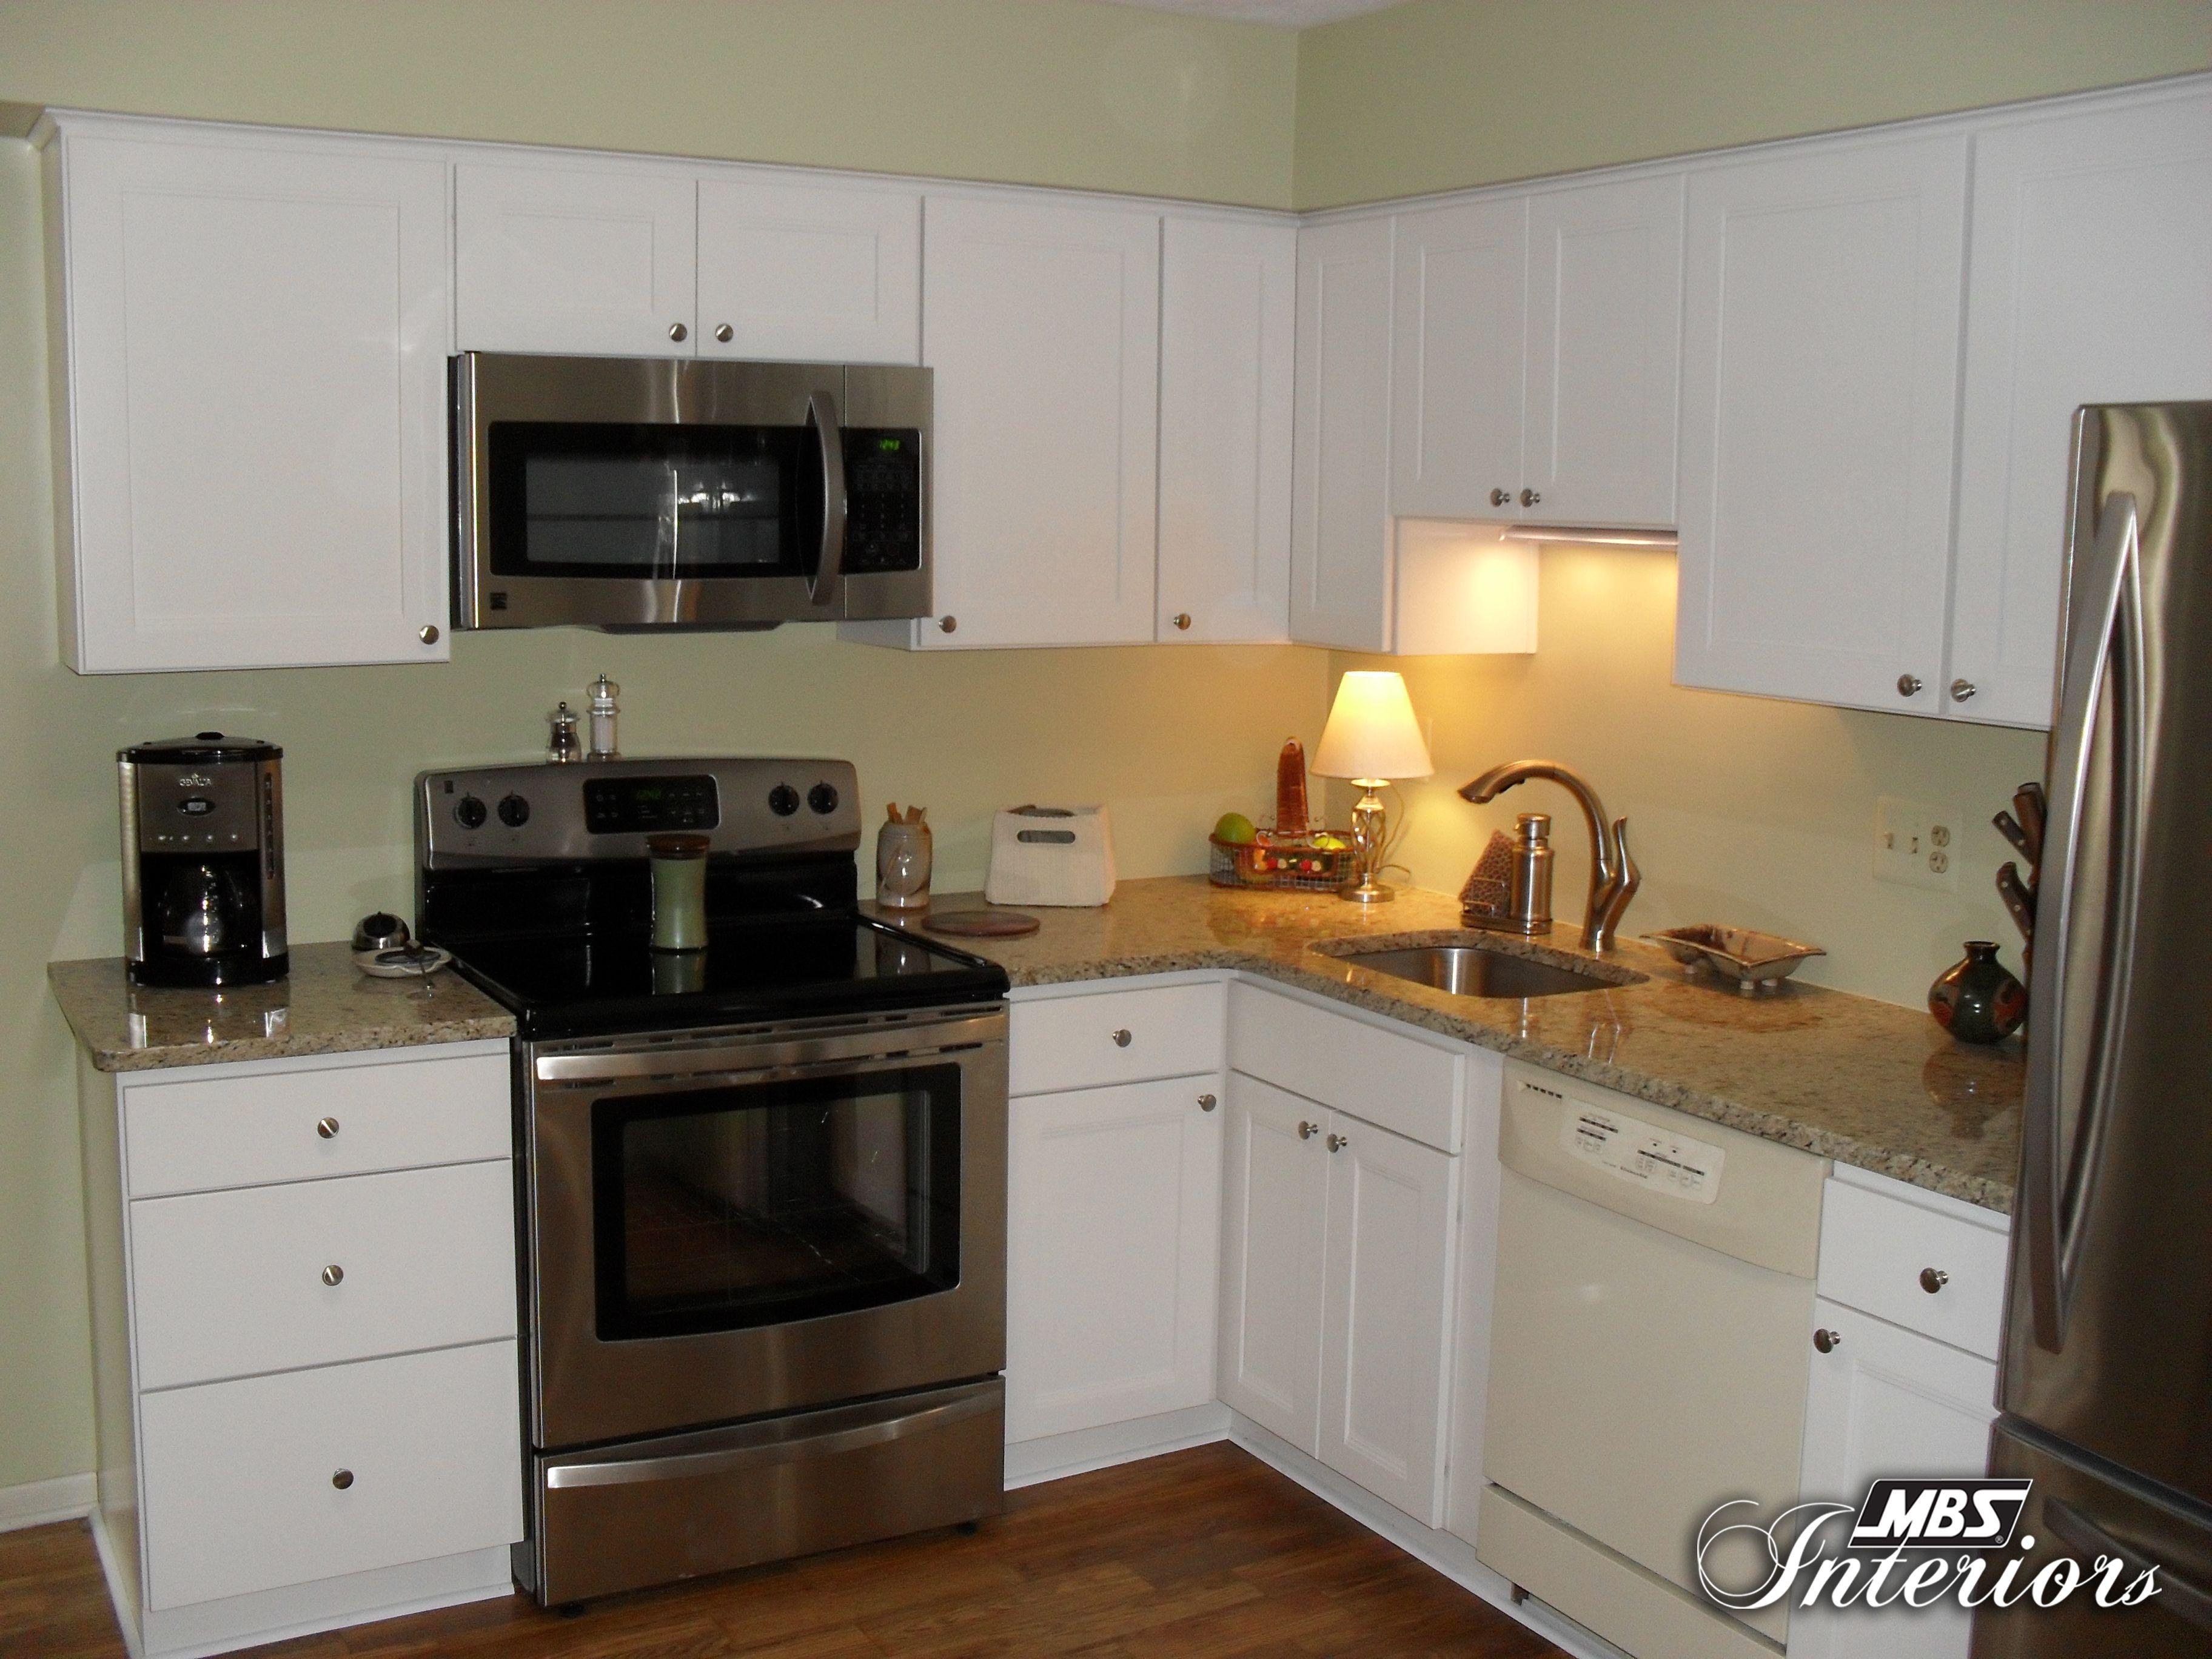 Small White Kitchen Small White Kitchens Kitchen Interior Kitchen Design